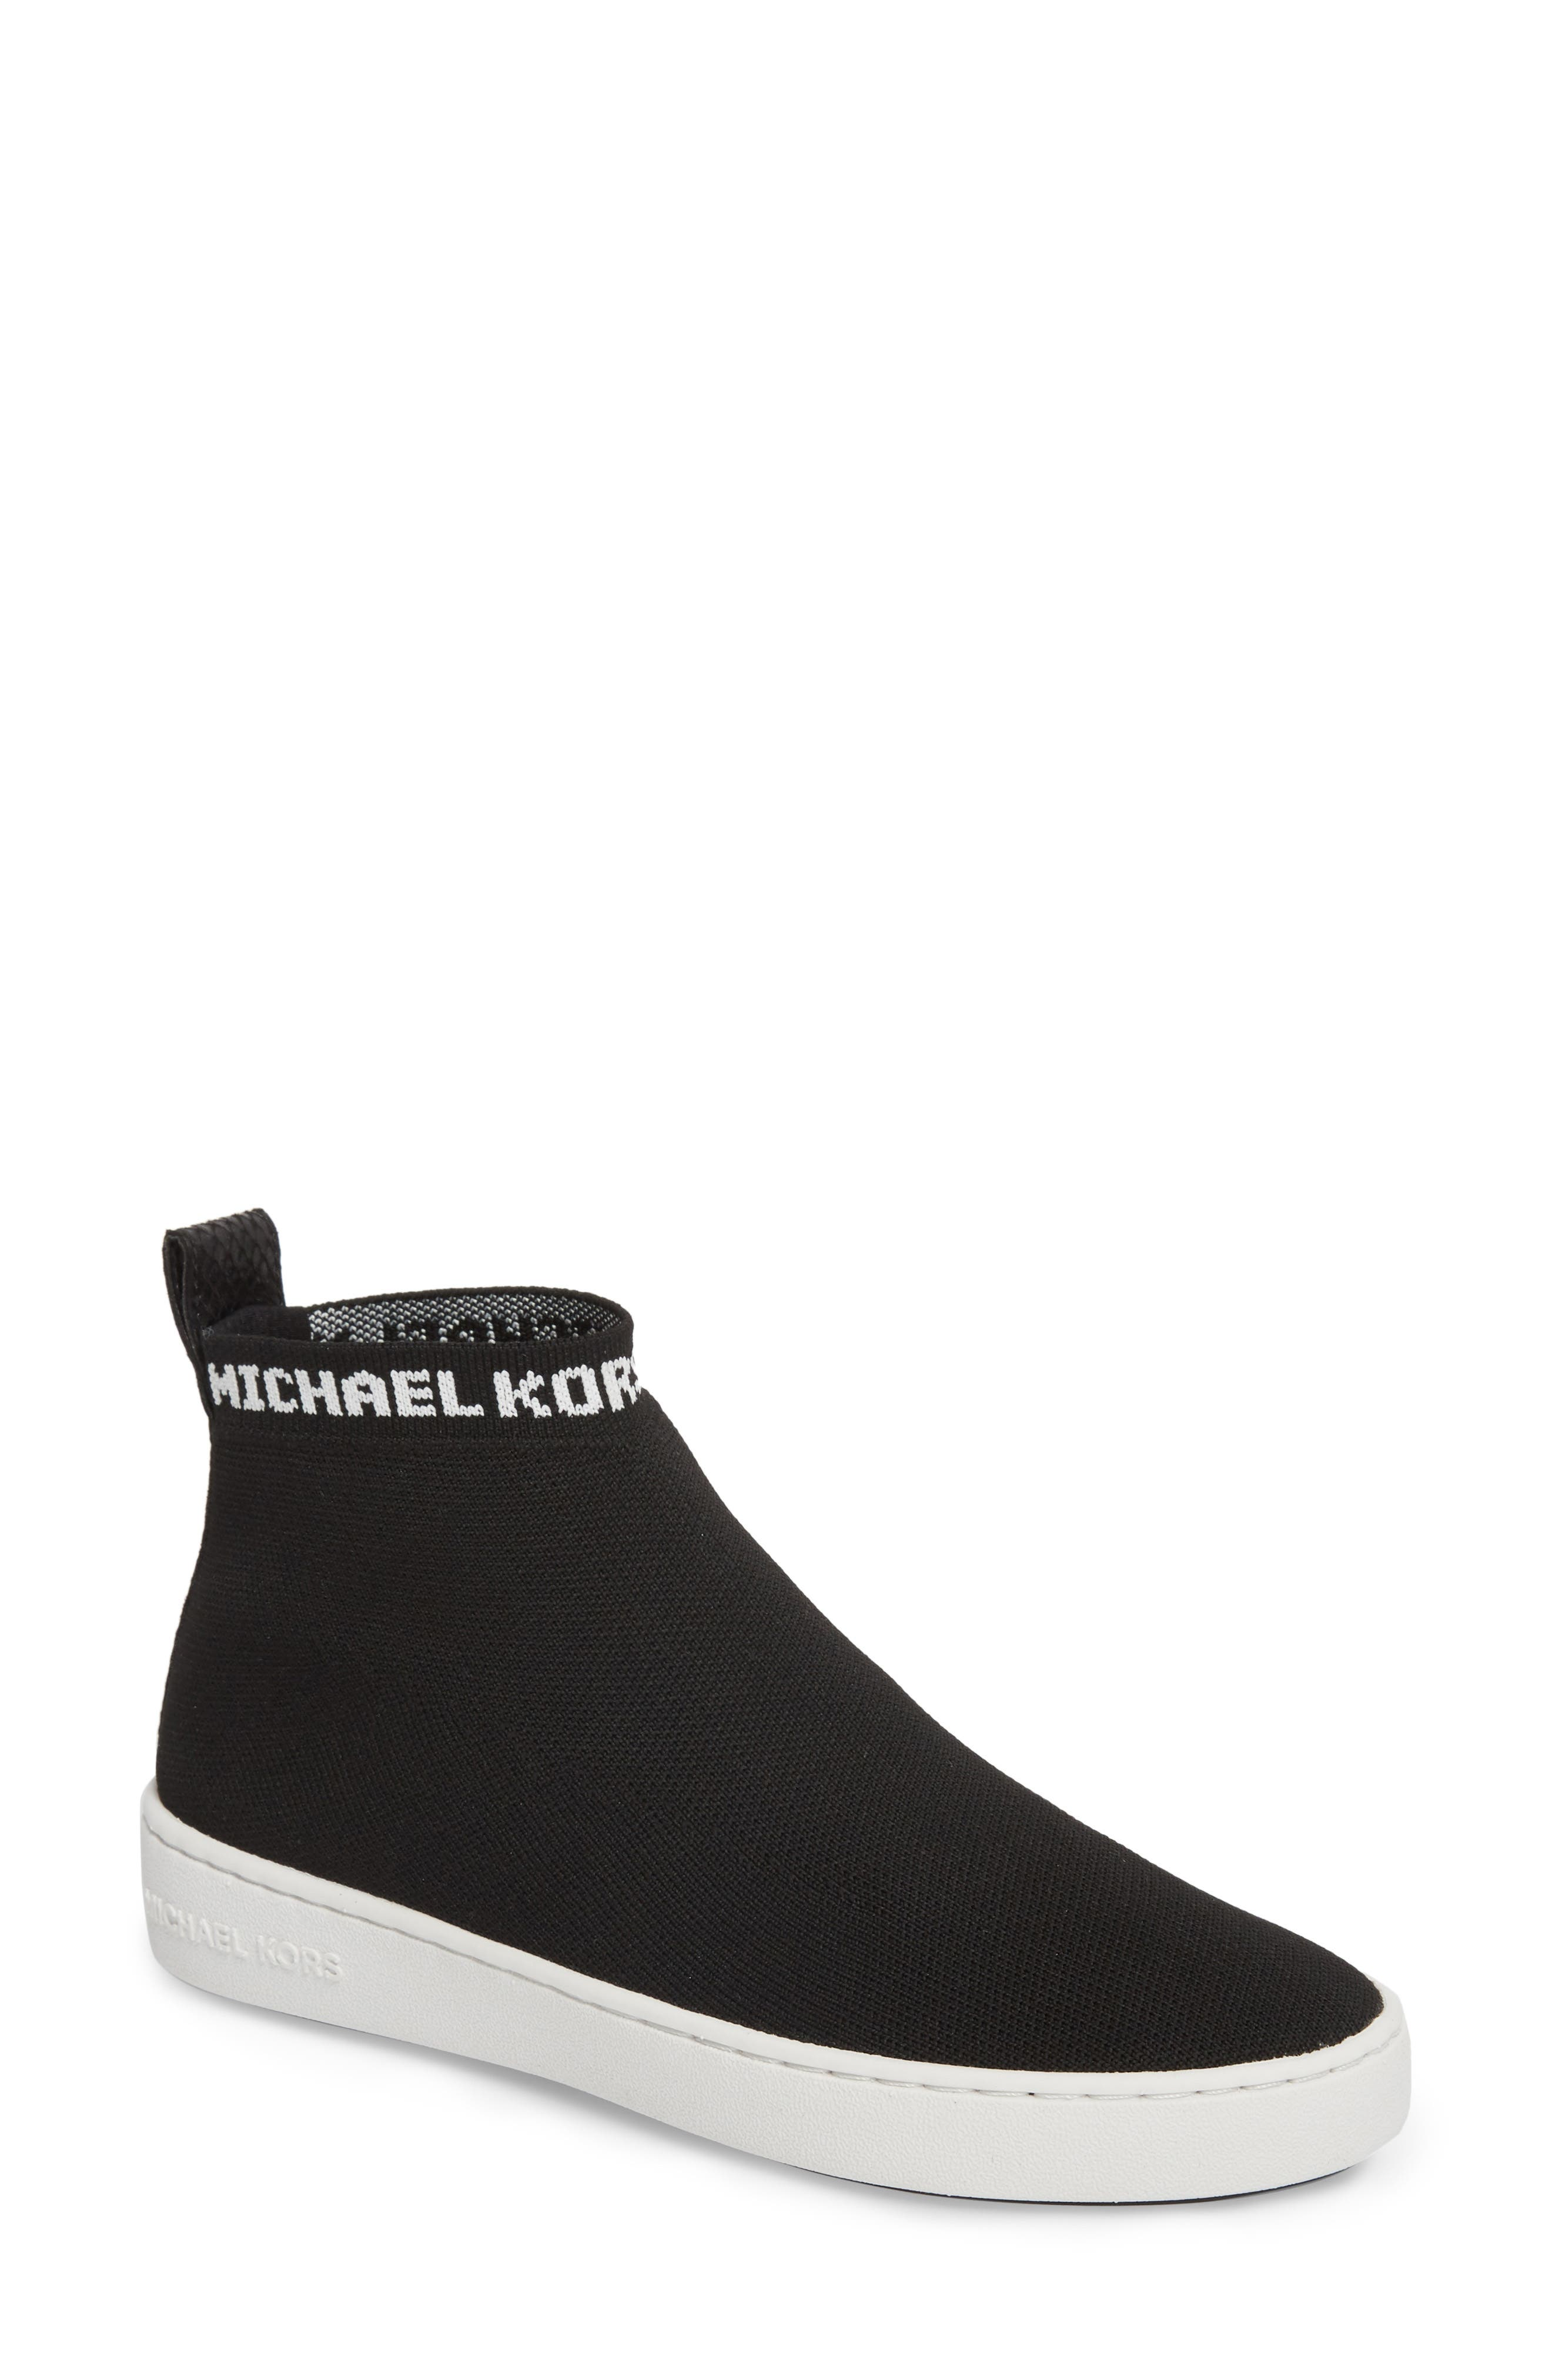 Hilda High Top Sock Sneaker,                         Main,                         color,